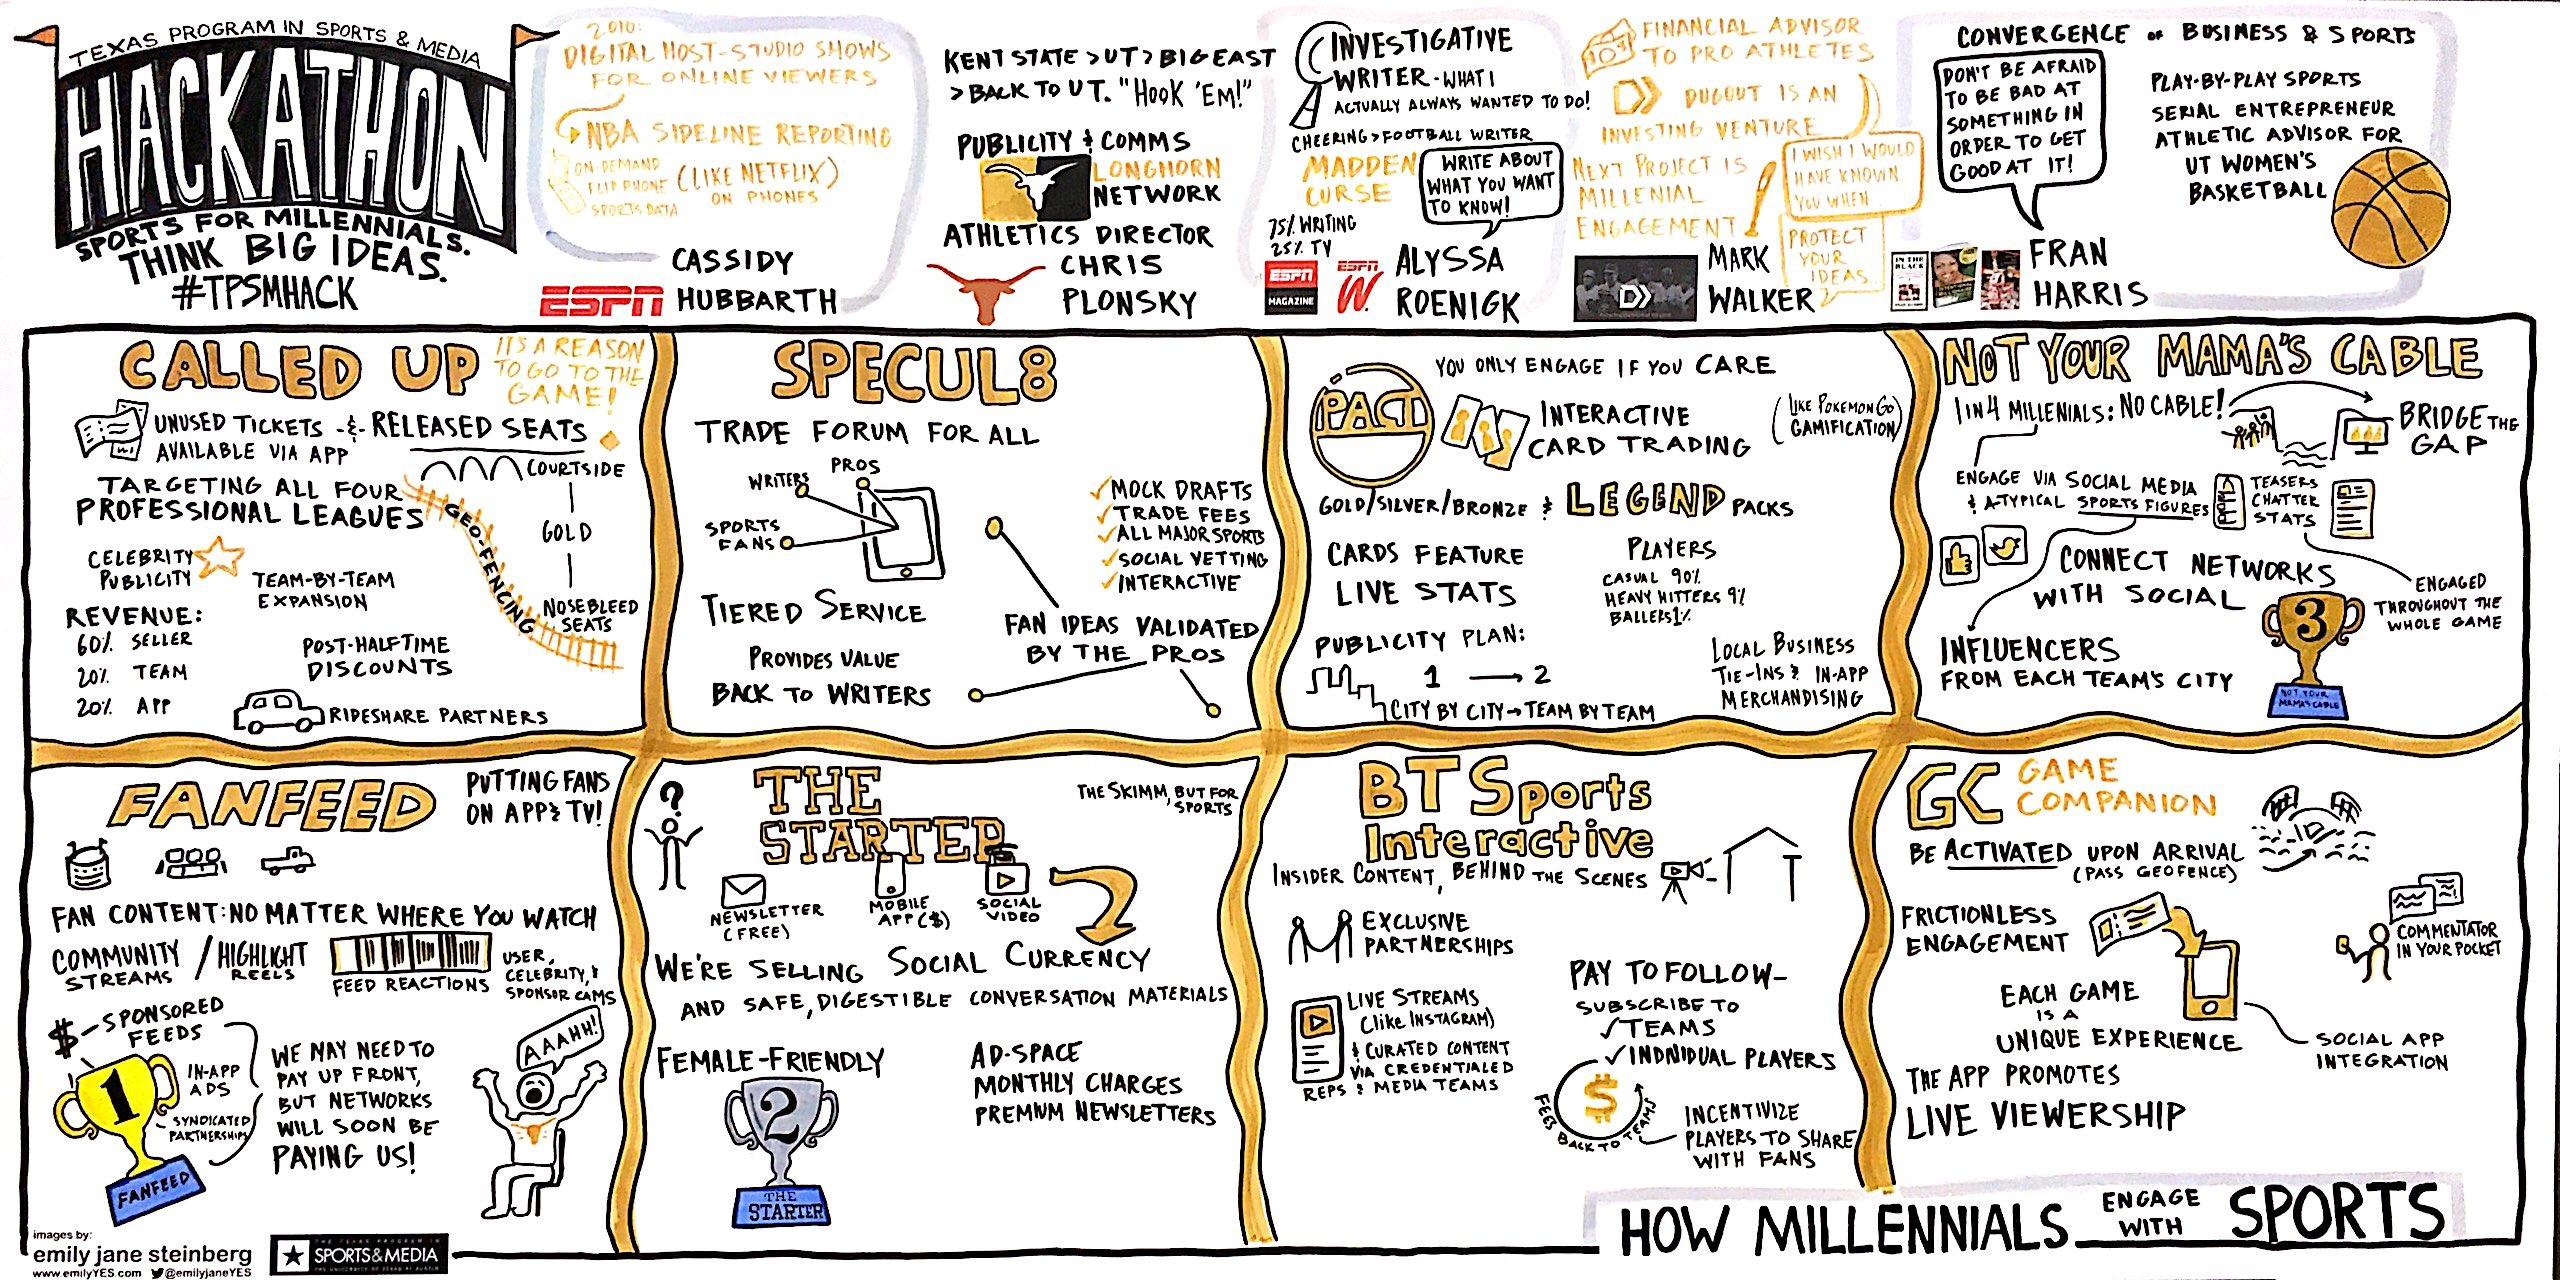 TPSM Hackathon - Spring '17